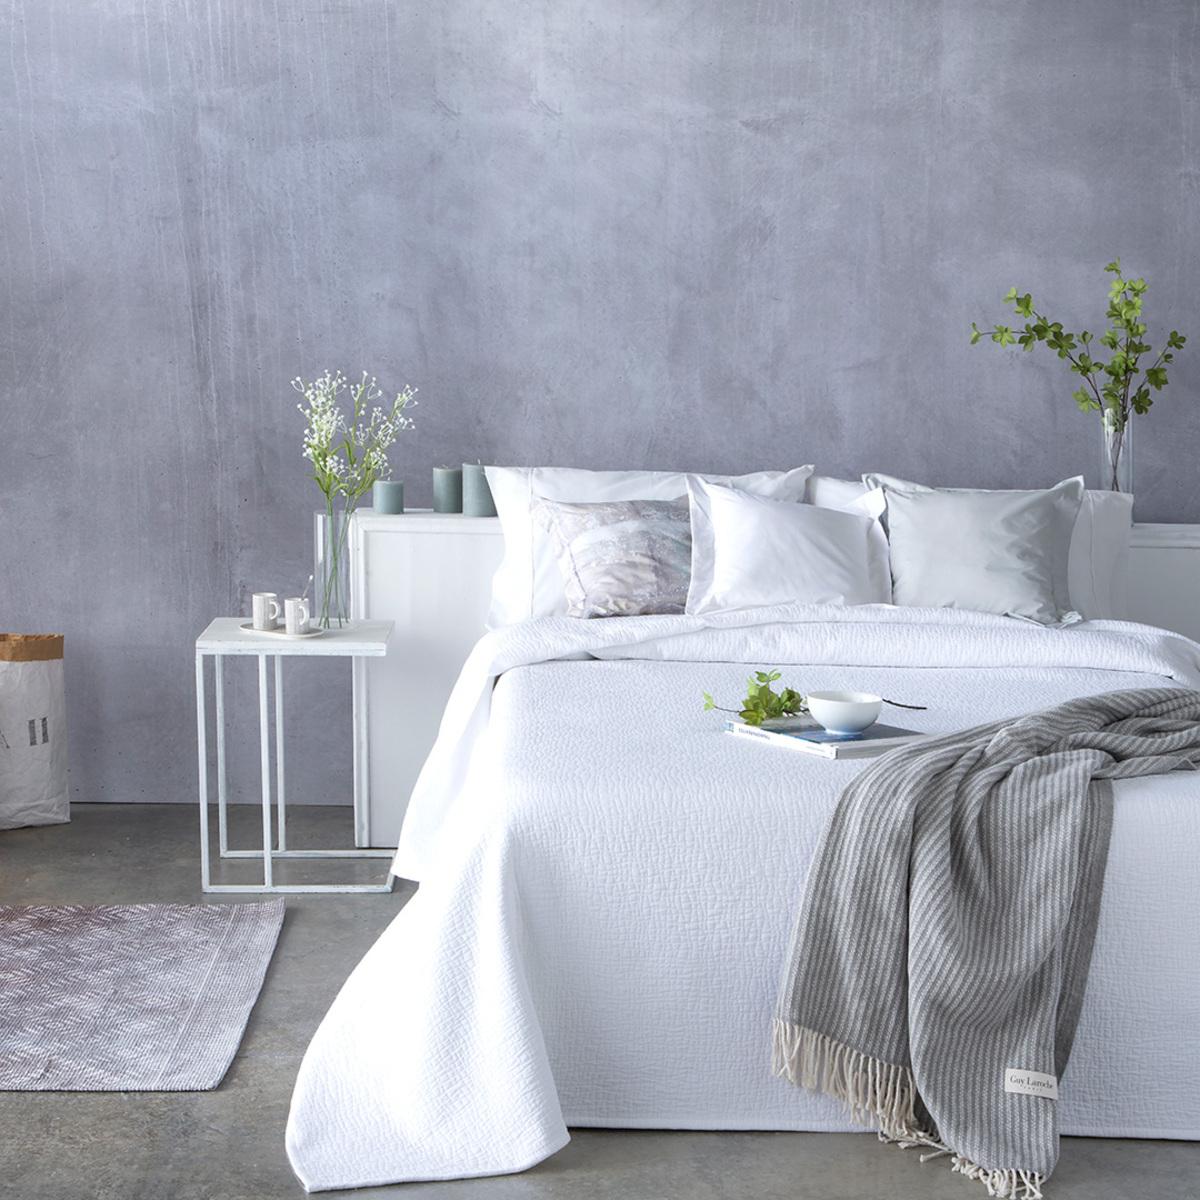 Couvre lit en coton blanc 180x270